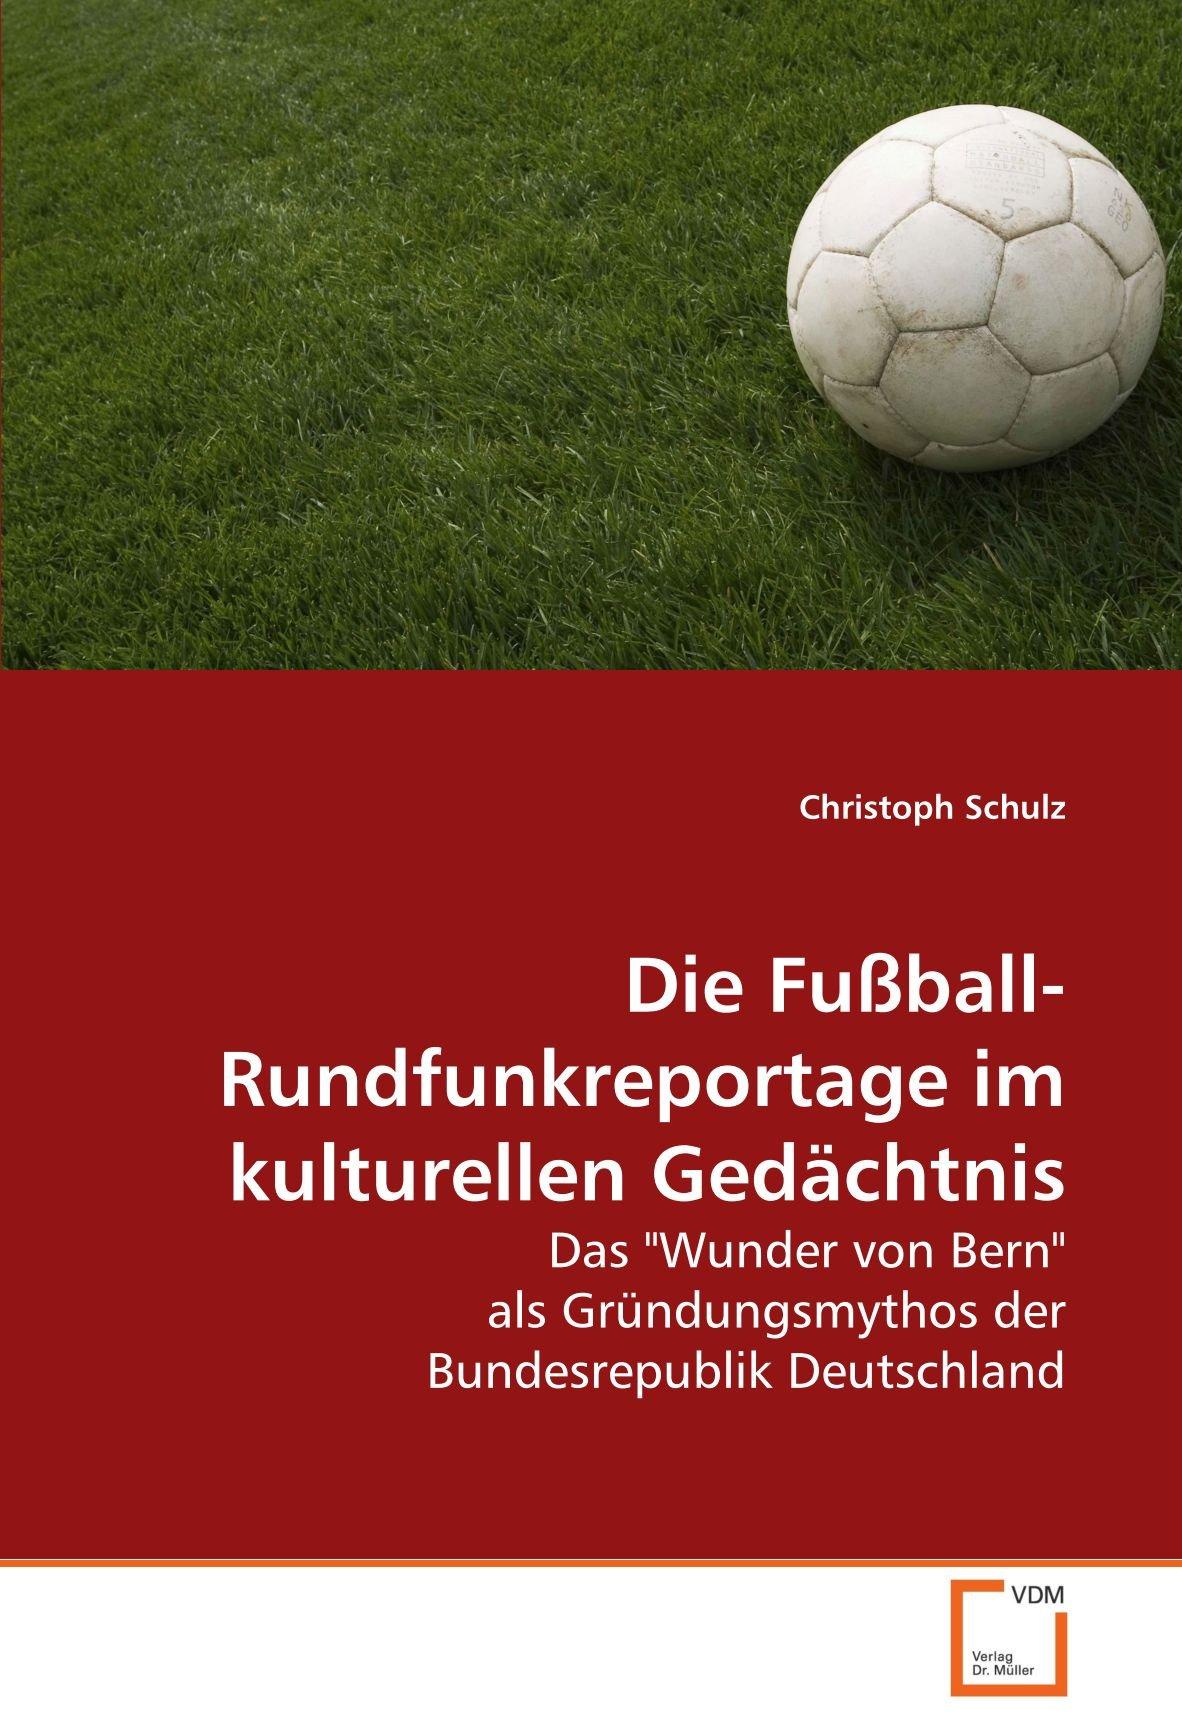 Die Fußball-Rundfunkreportage im kulturellen Gedächtnis: Das